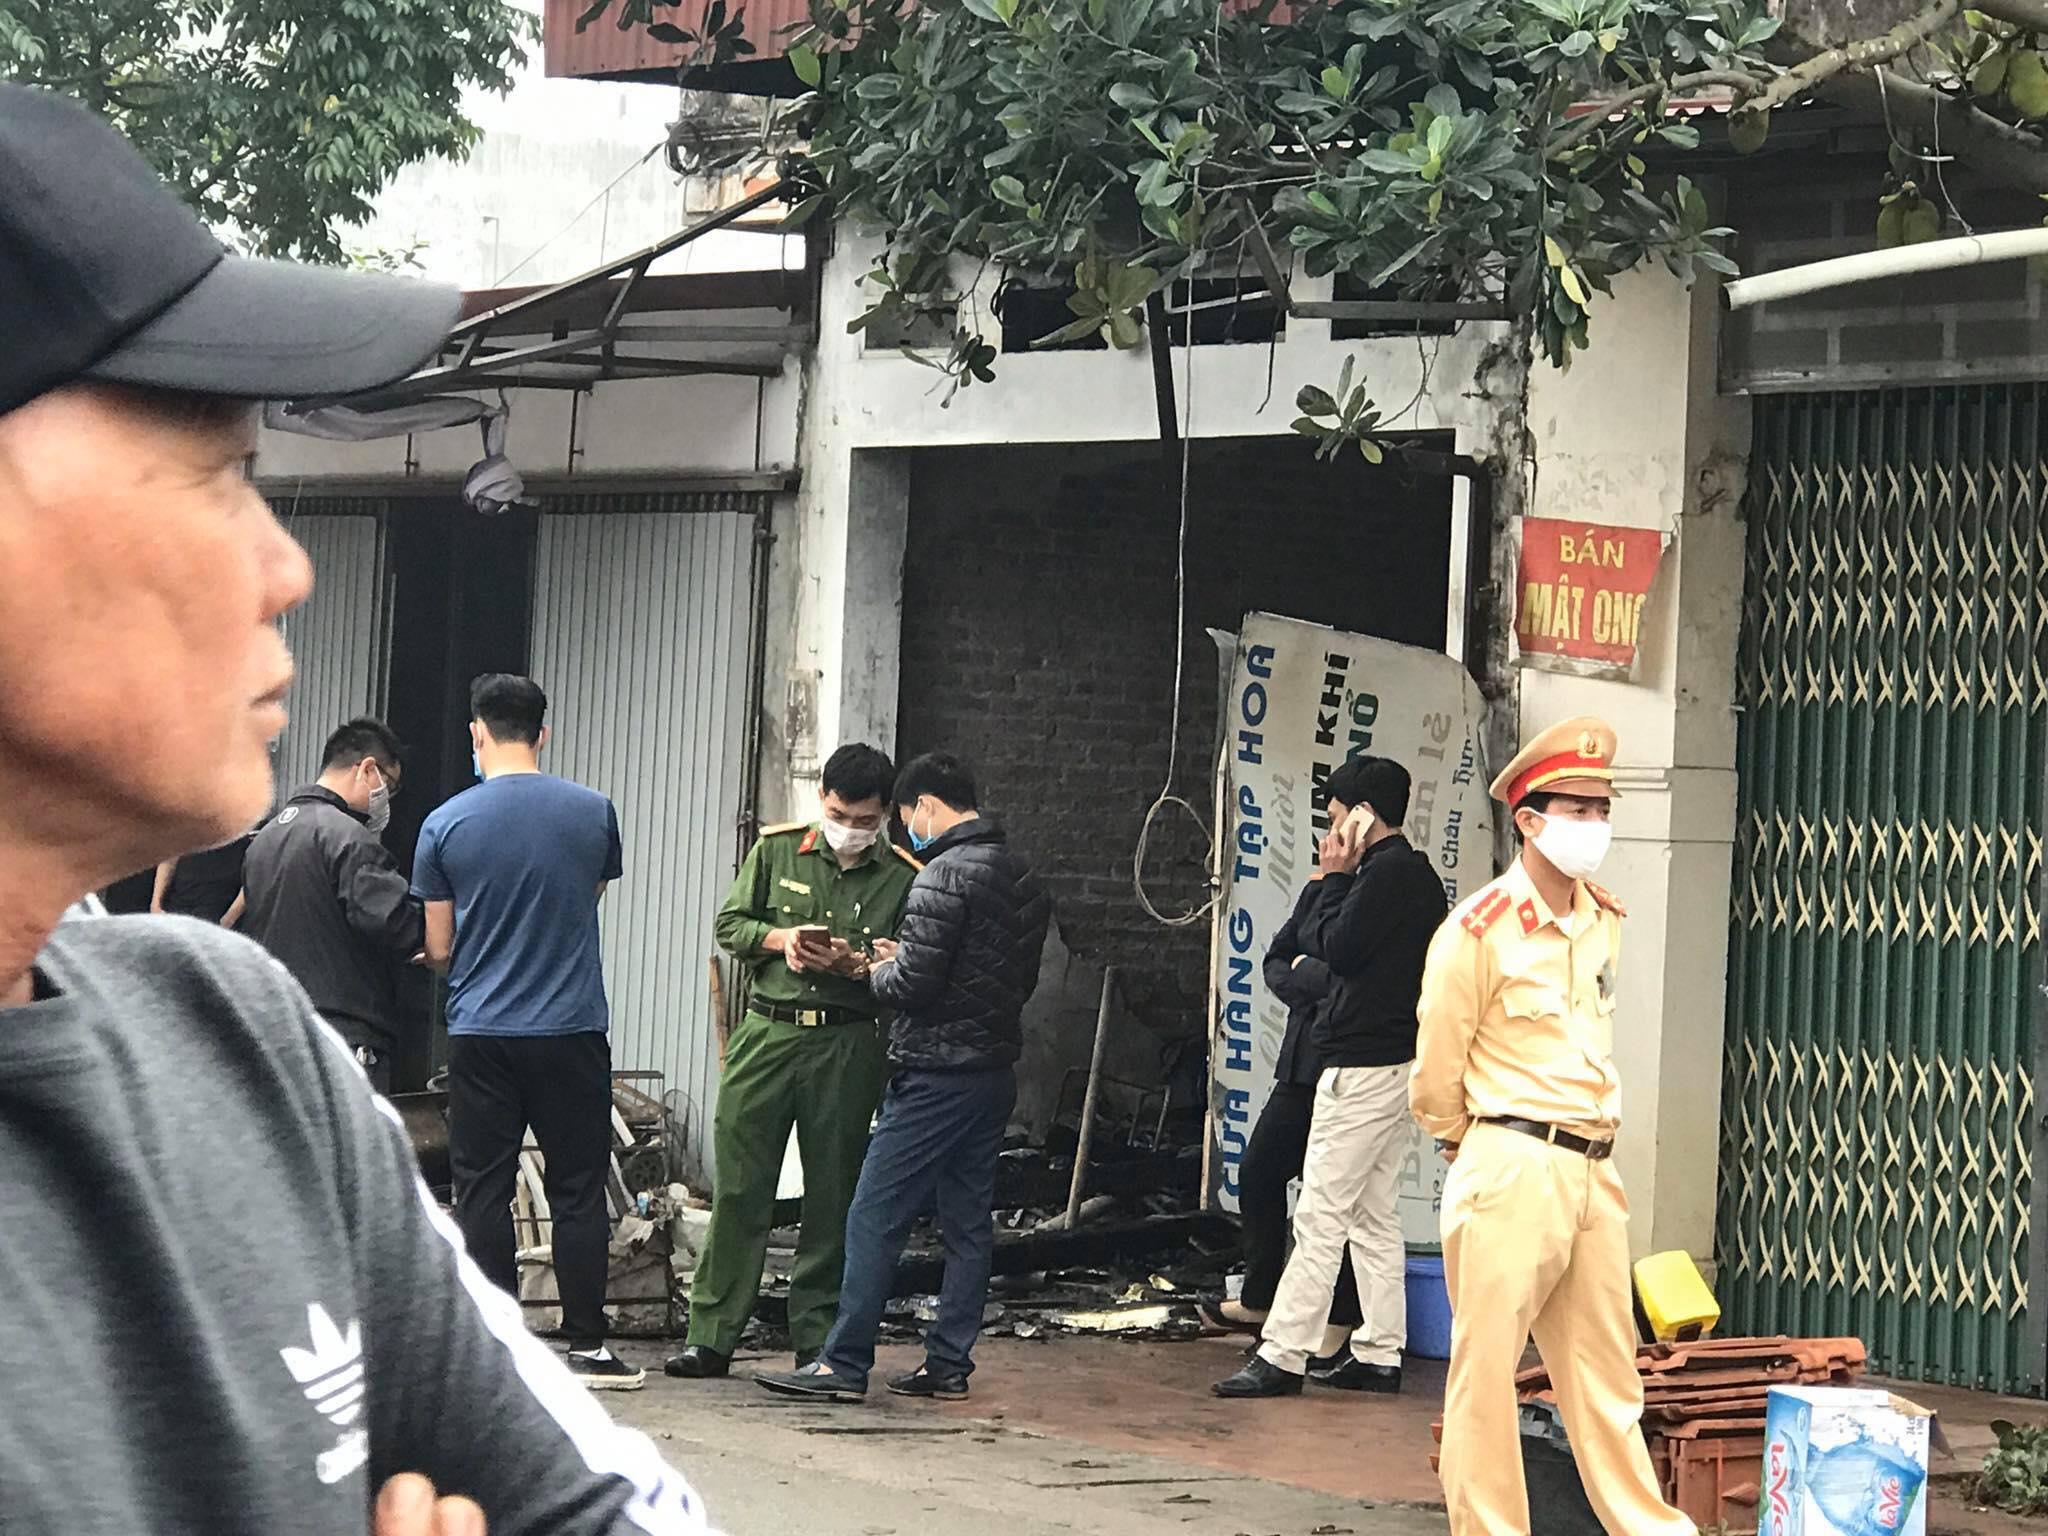 Hưng Yên: Cháy nhà lúc nửa đêm, 3 người trong một gia đình tử vong - 1